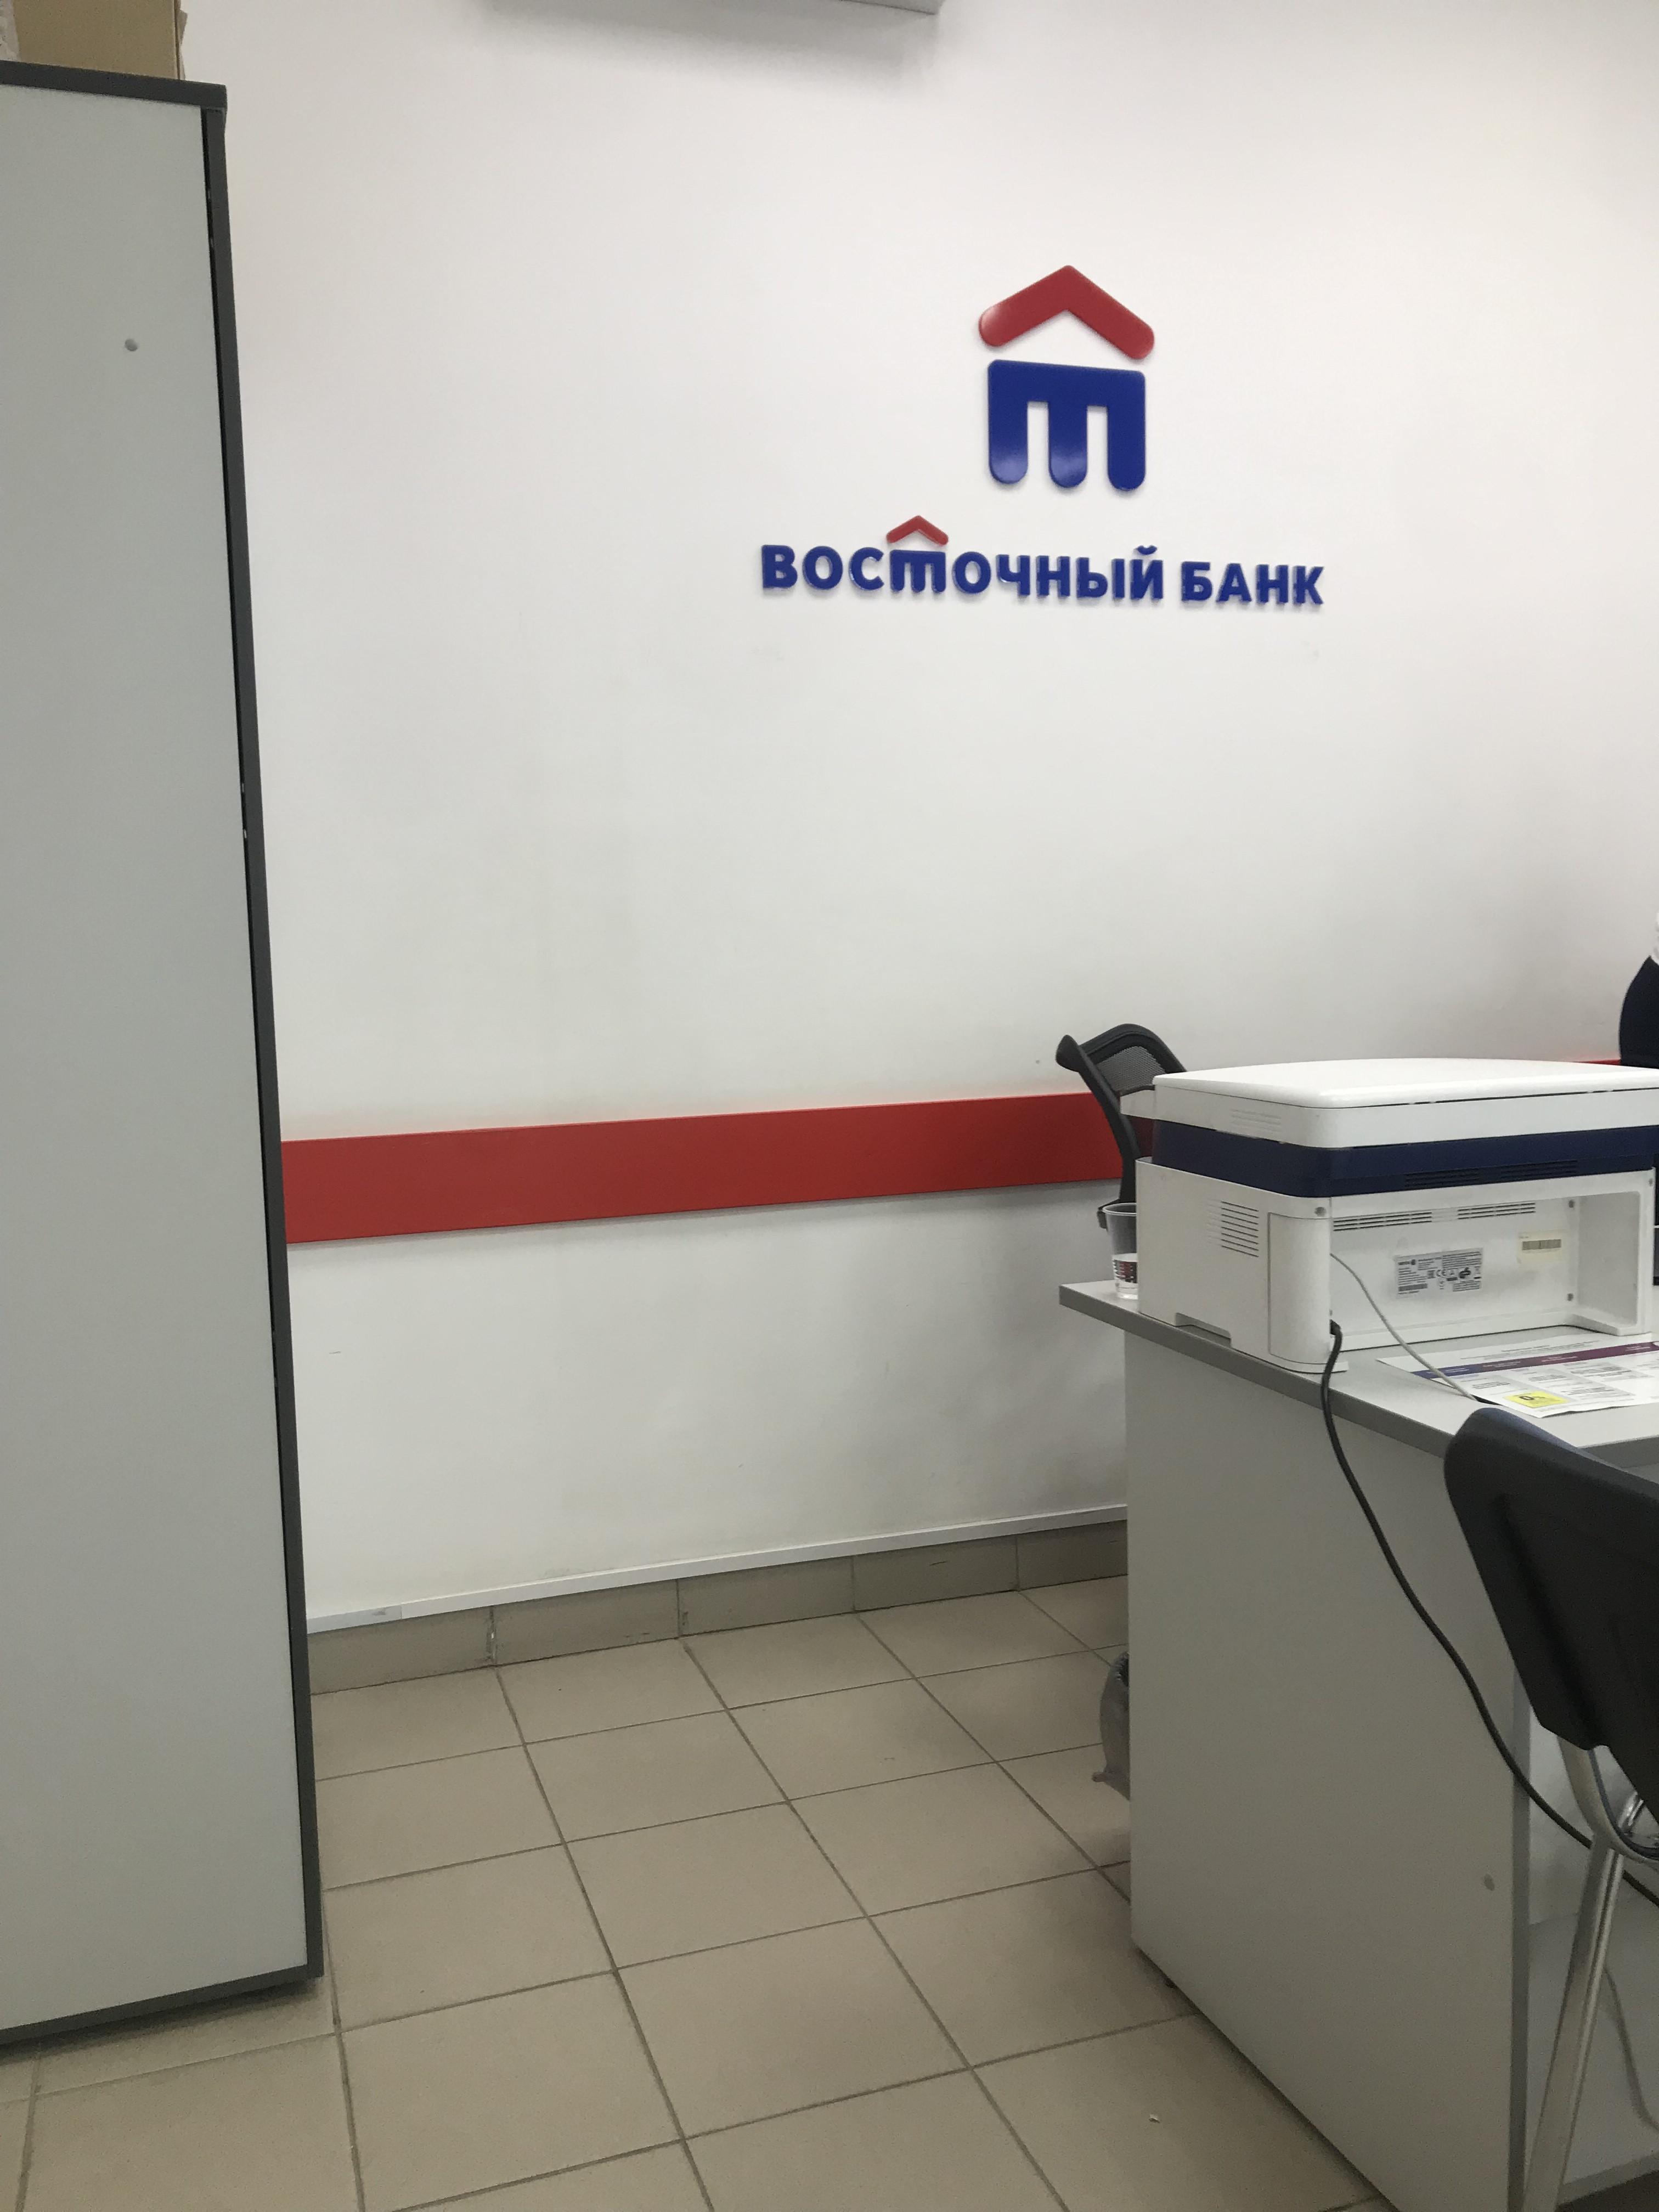 анкета московского кредитного банка